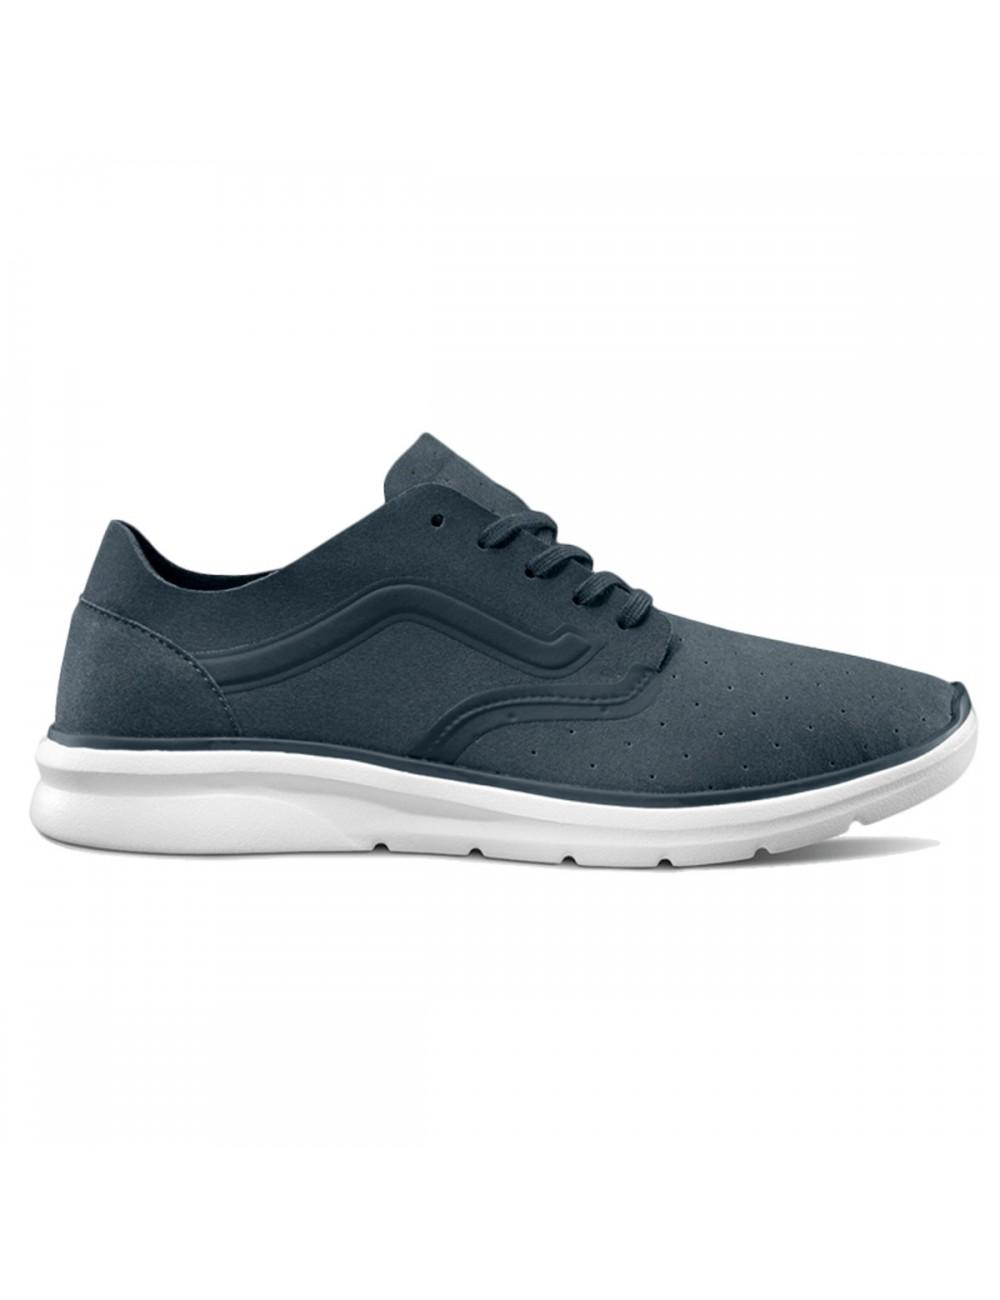 Vans ISO 2 Rapidweld Shoes - Dark_11438